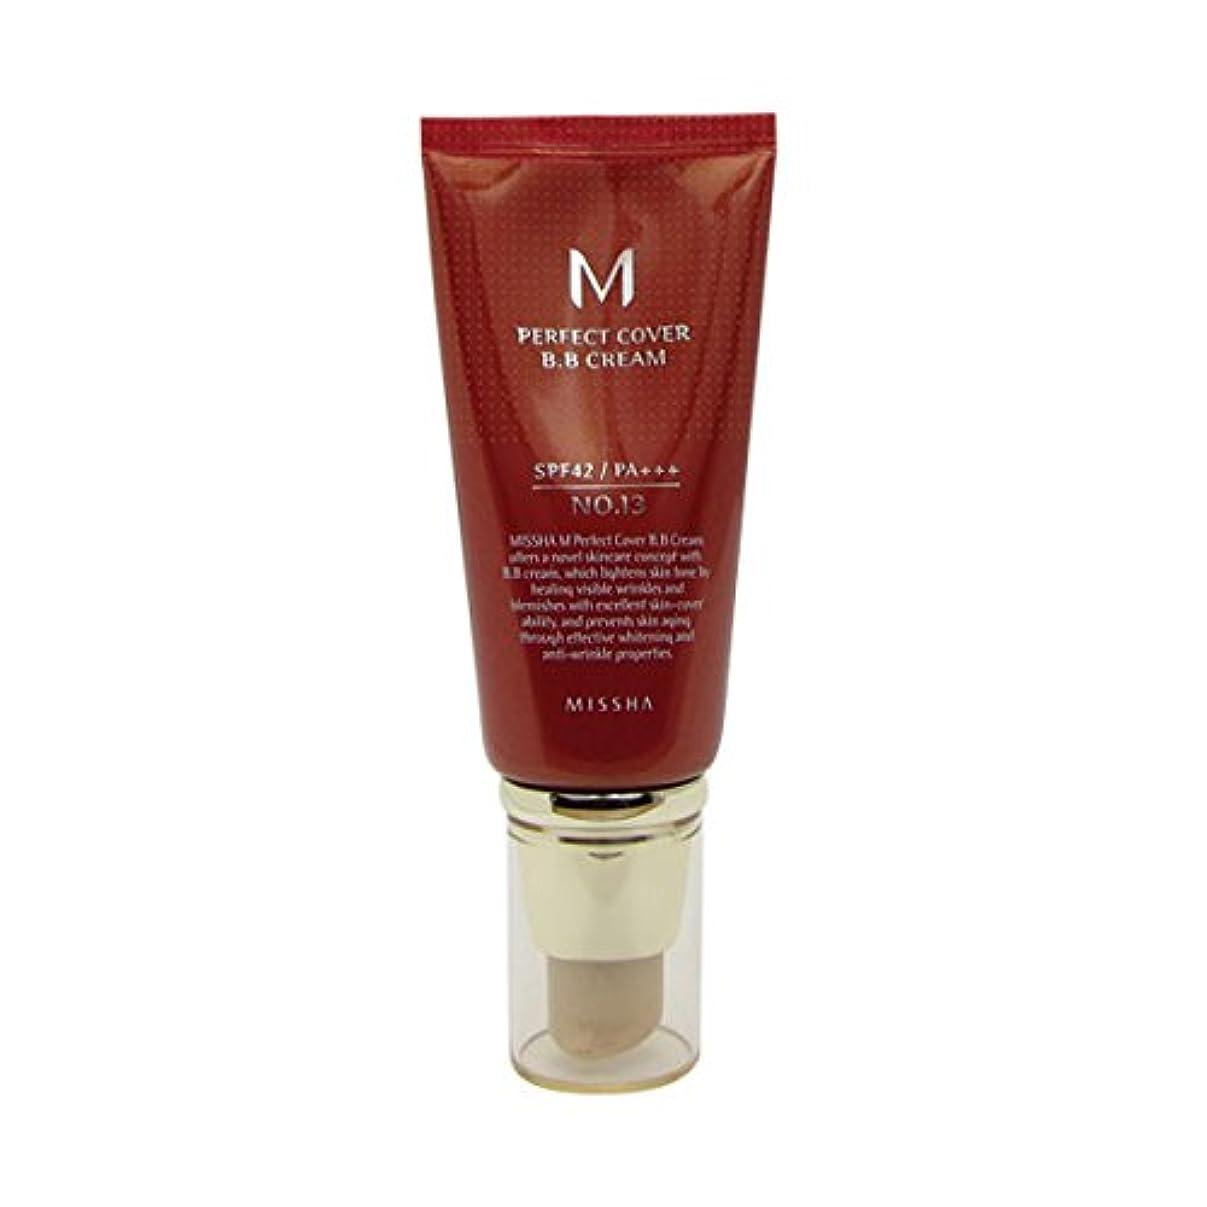 底害虫感動するMissha M Perfect Cover Bb Cream Spf42/pa+++ No.13 Bright Beige 50ml [並行輸入品]